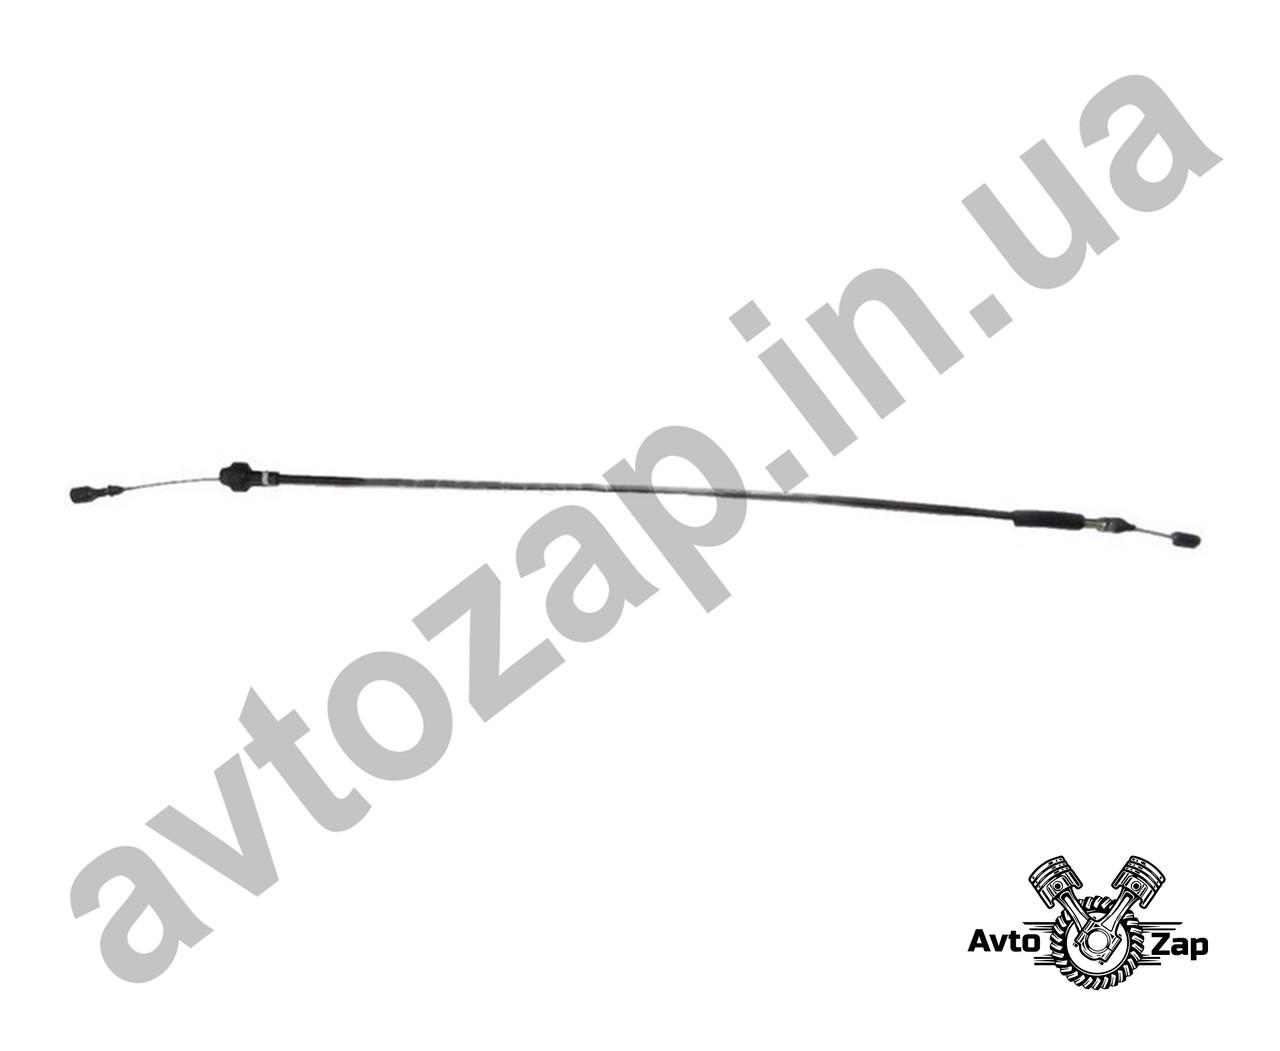 Трос газа Москвич 2141 карбюратор Вебер L-950мм